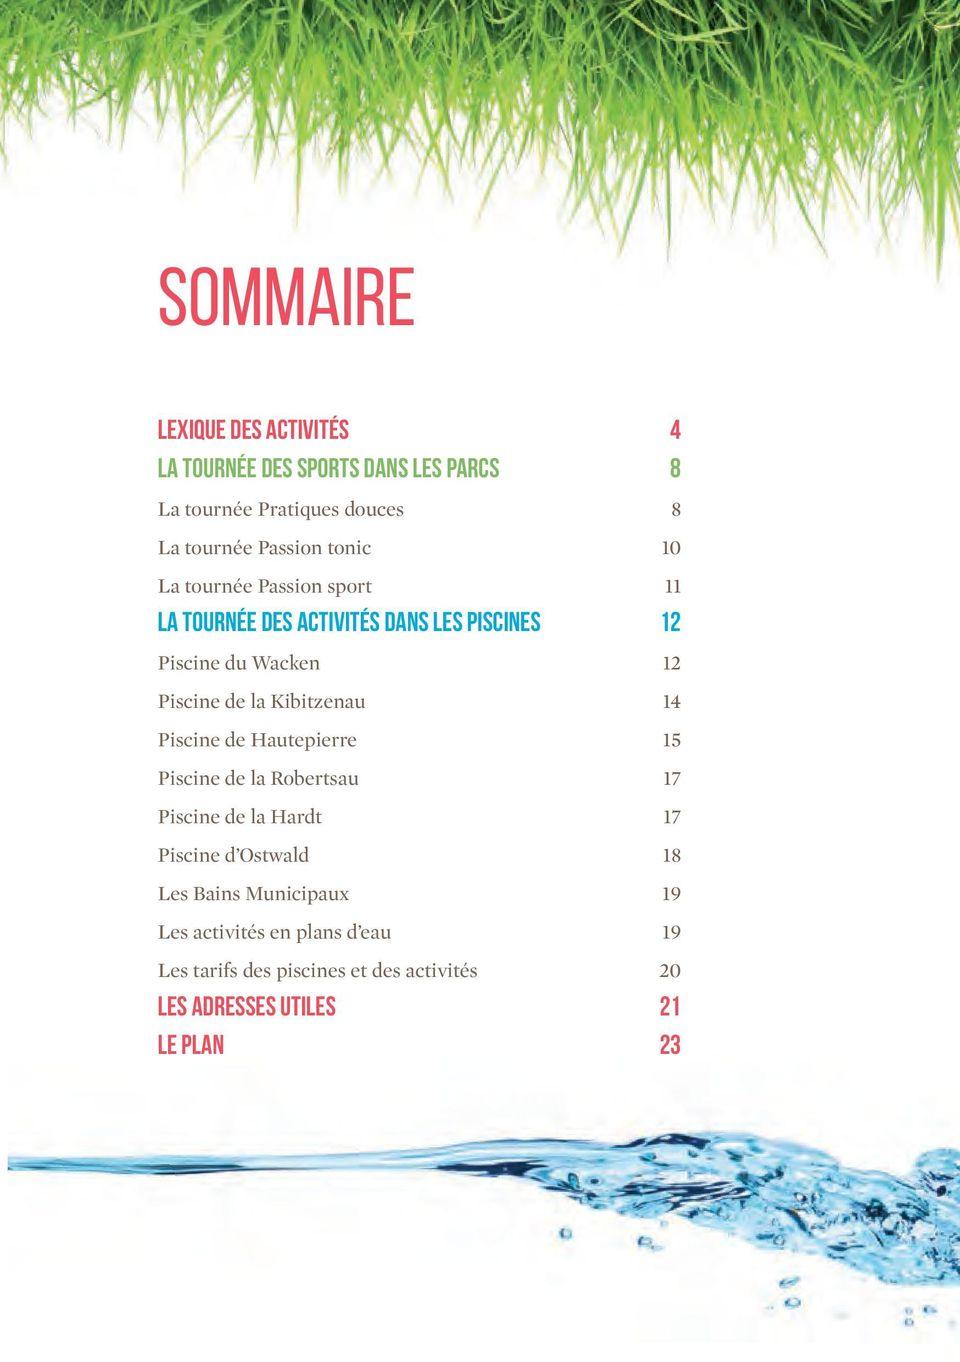 Plus D Rmation Sur Ou Sur Le Site Mobile - Pdf ... tout Piscine De La Hardt